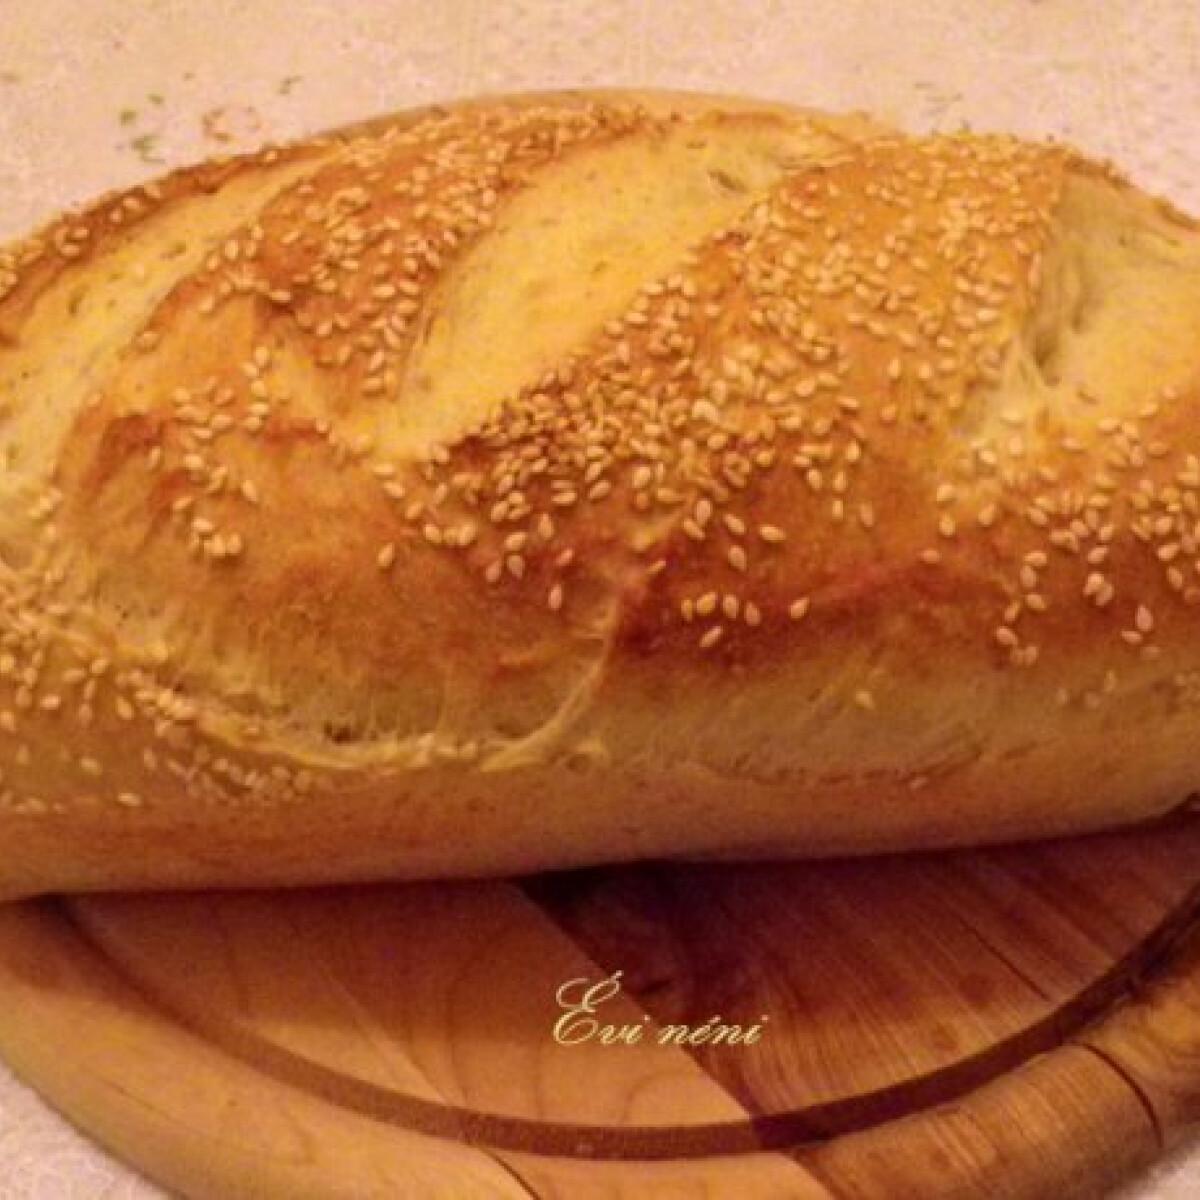 Fehér kenyér szezámmaggal